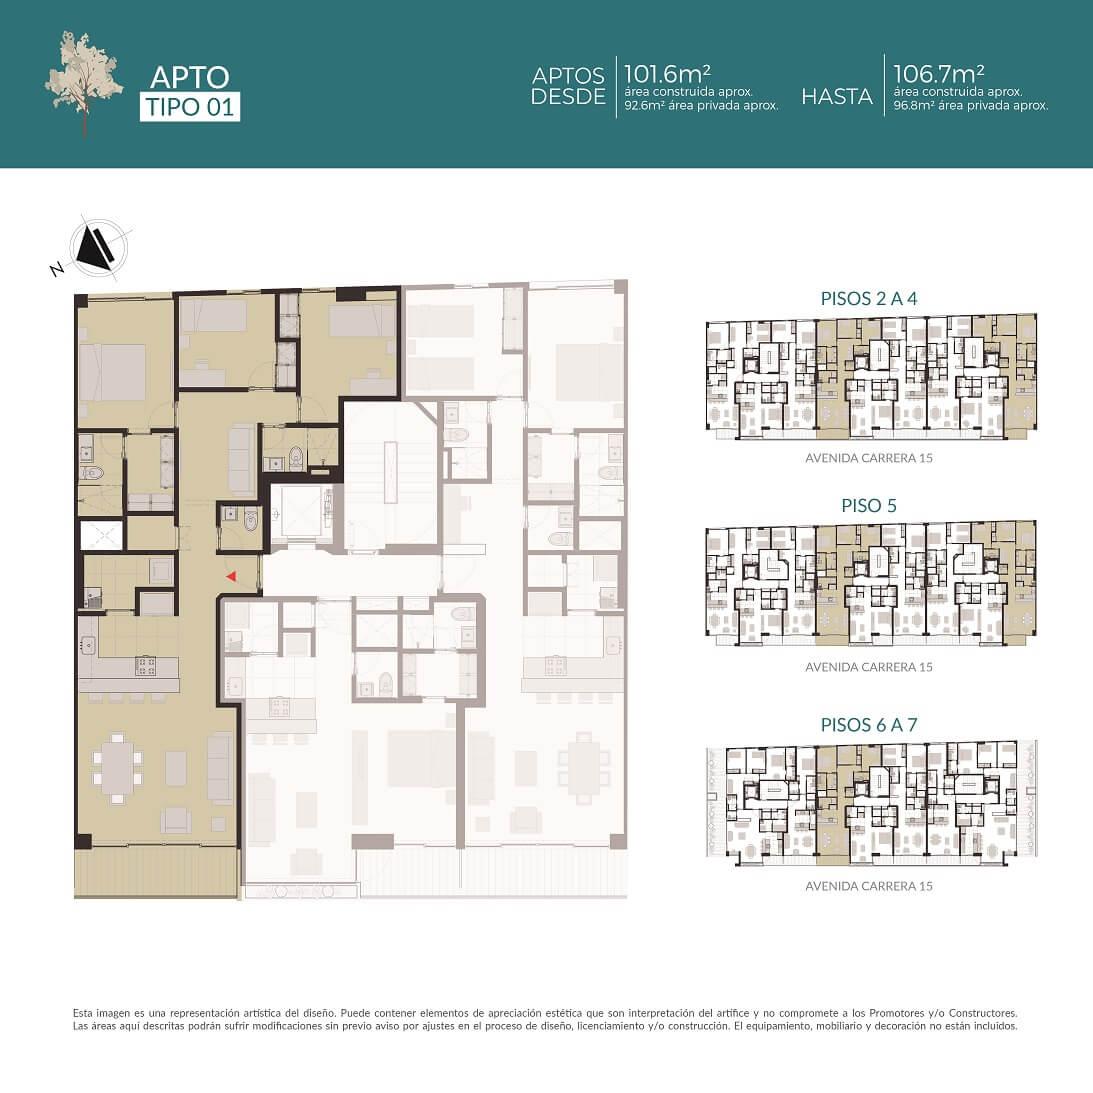 Apartamentos tipo 1